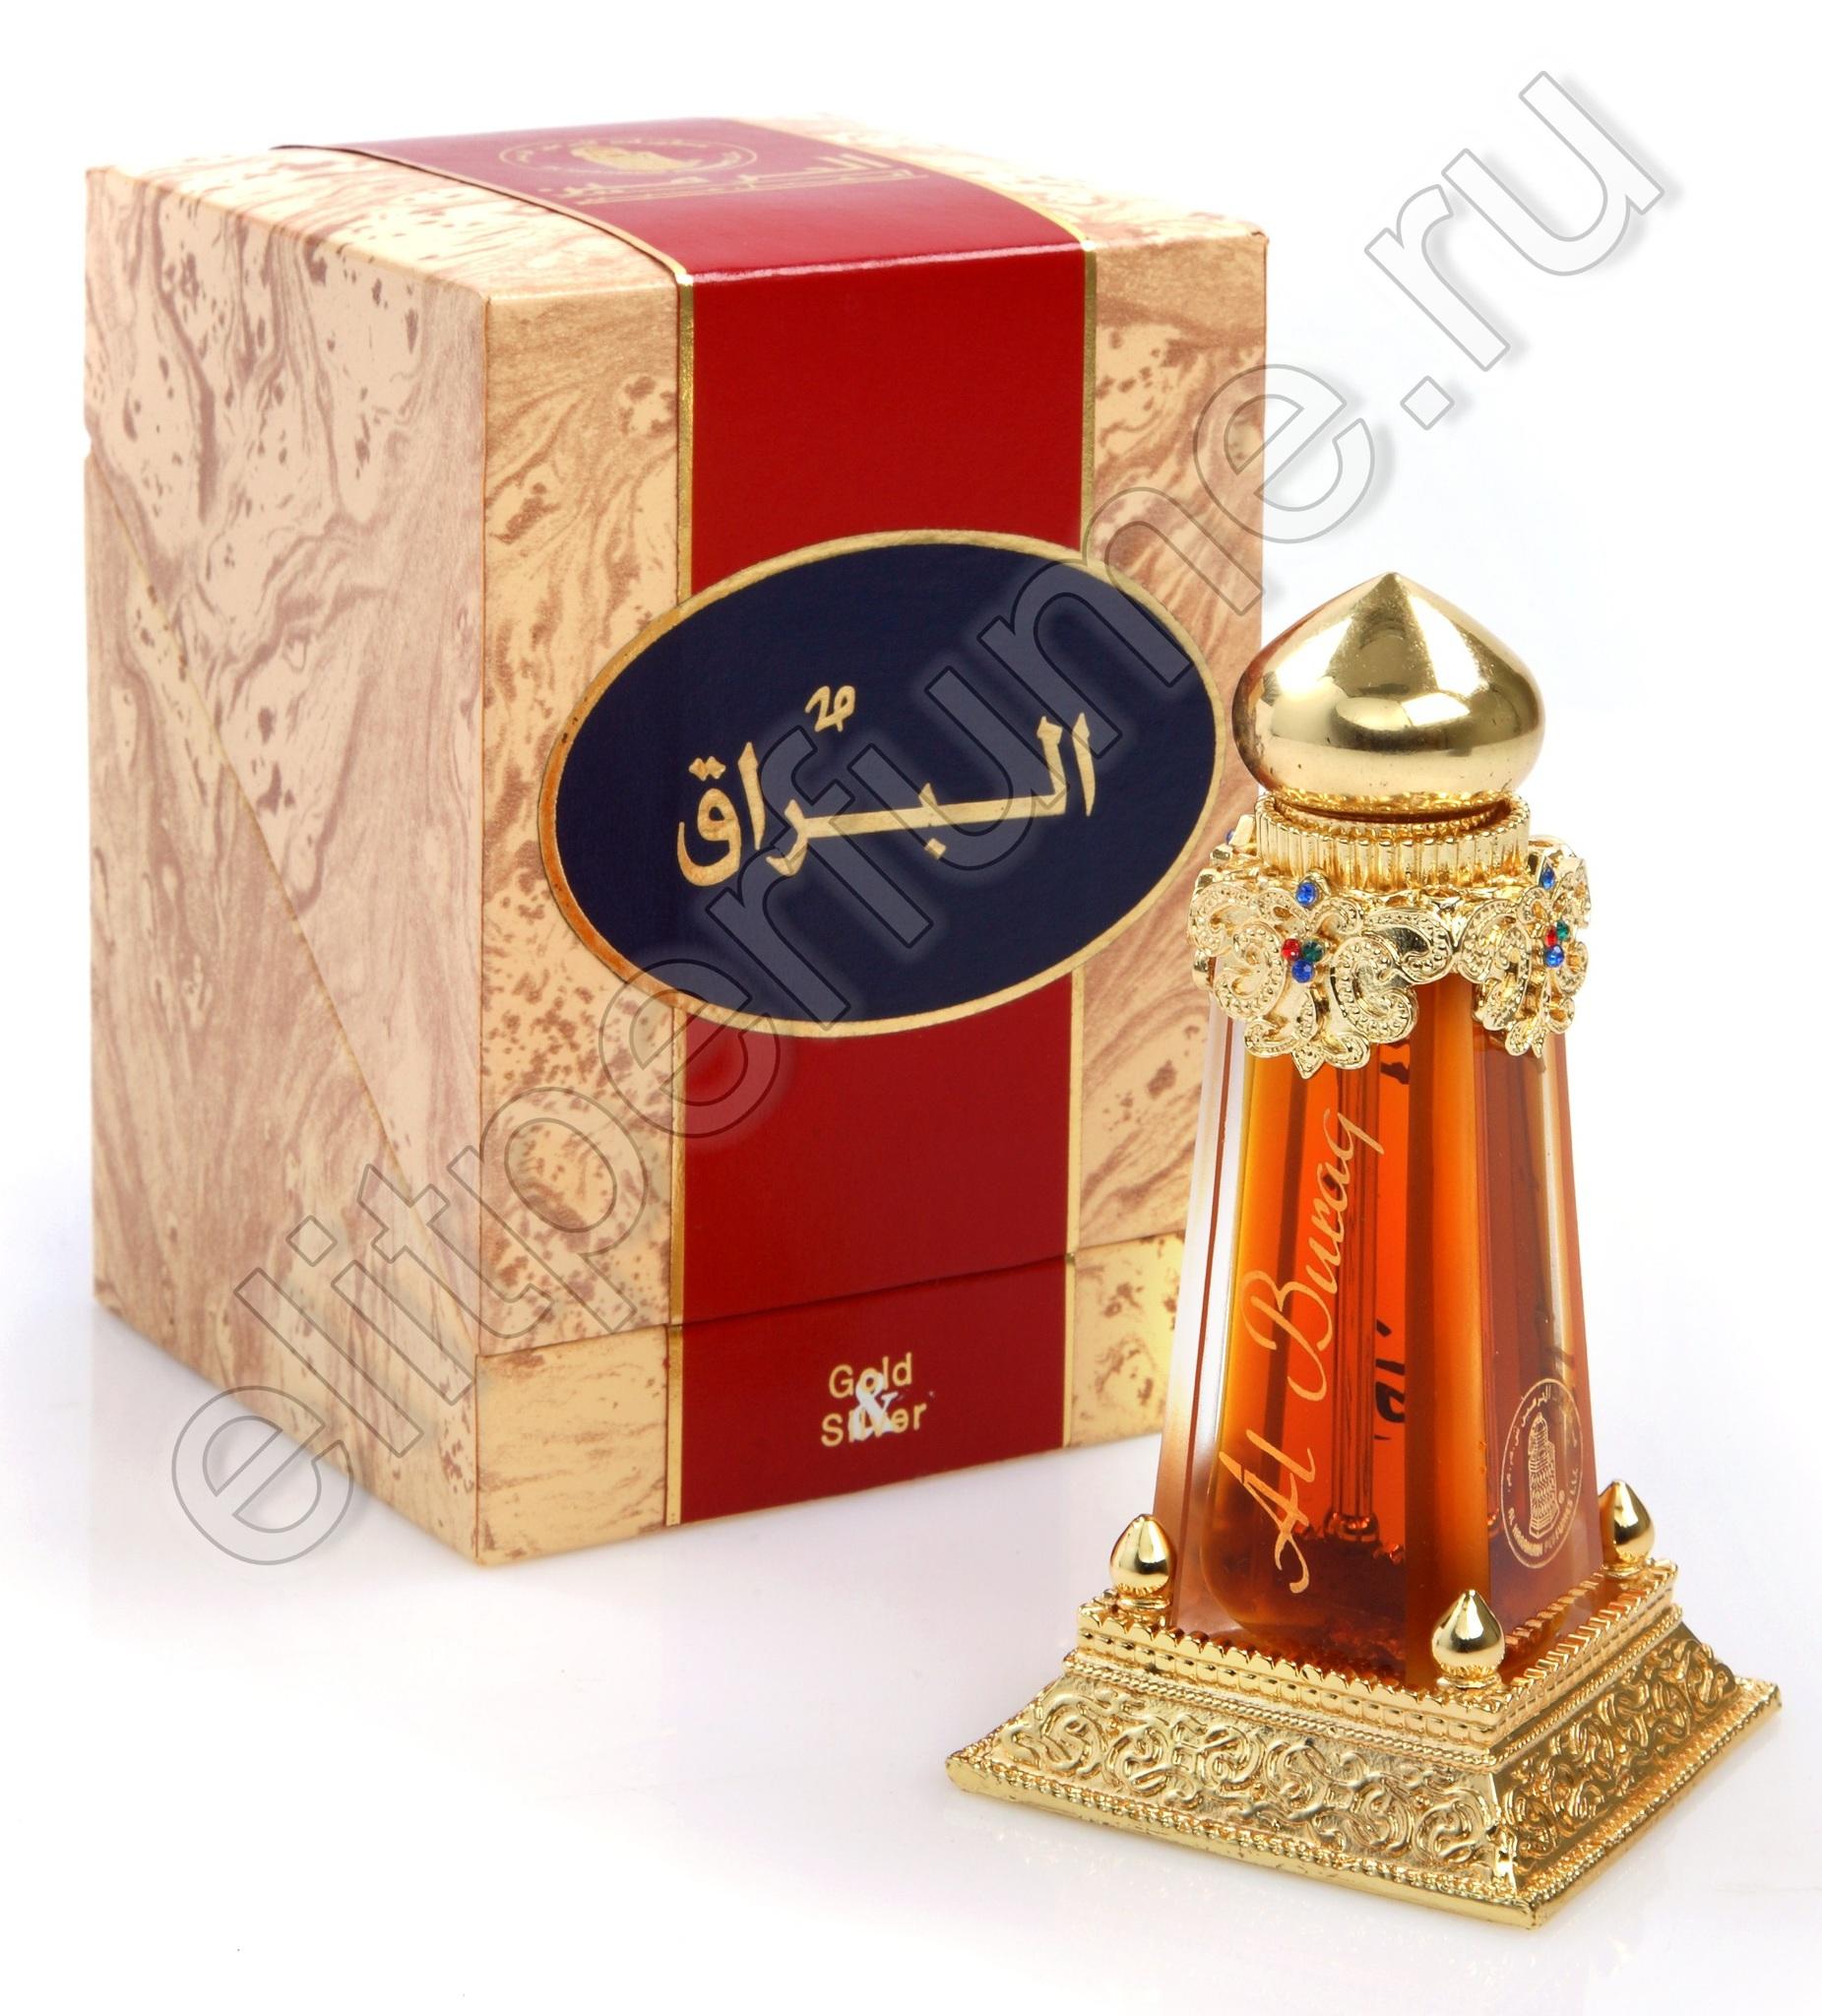 Пробники для духов Аль-Бурак Al Buraq 1 мл арабские масляные духи от Аль Харамайн Al Haramin Perfumes